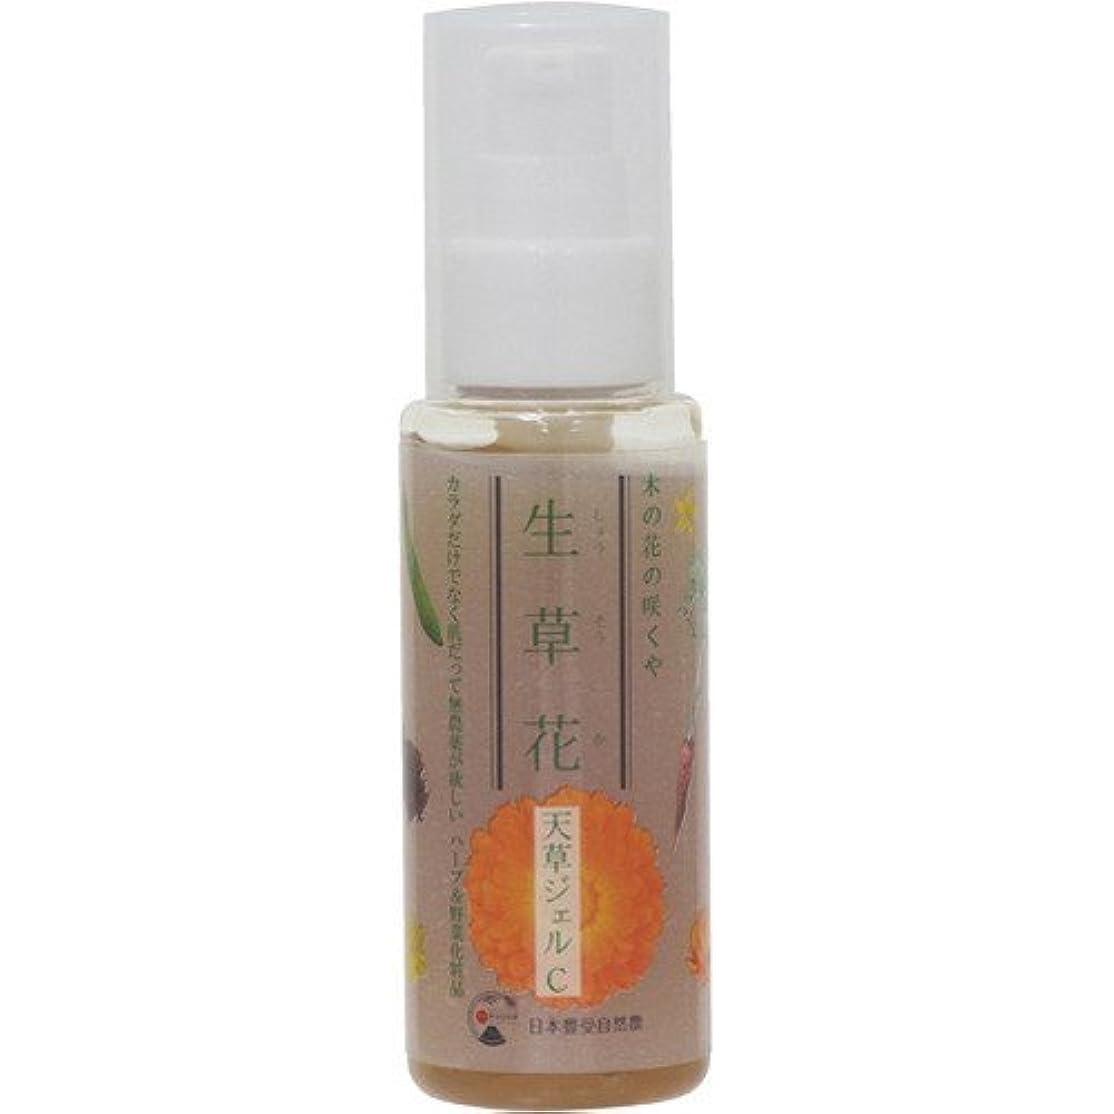 アイデア言い訳物質日本豊受自然農 木の花の咲くや 生草花 天草ジェルC 80g